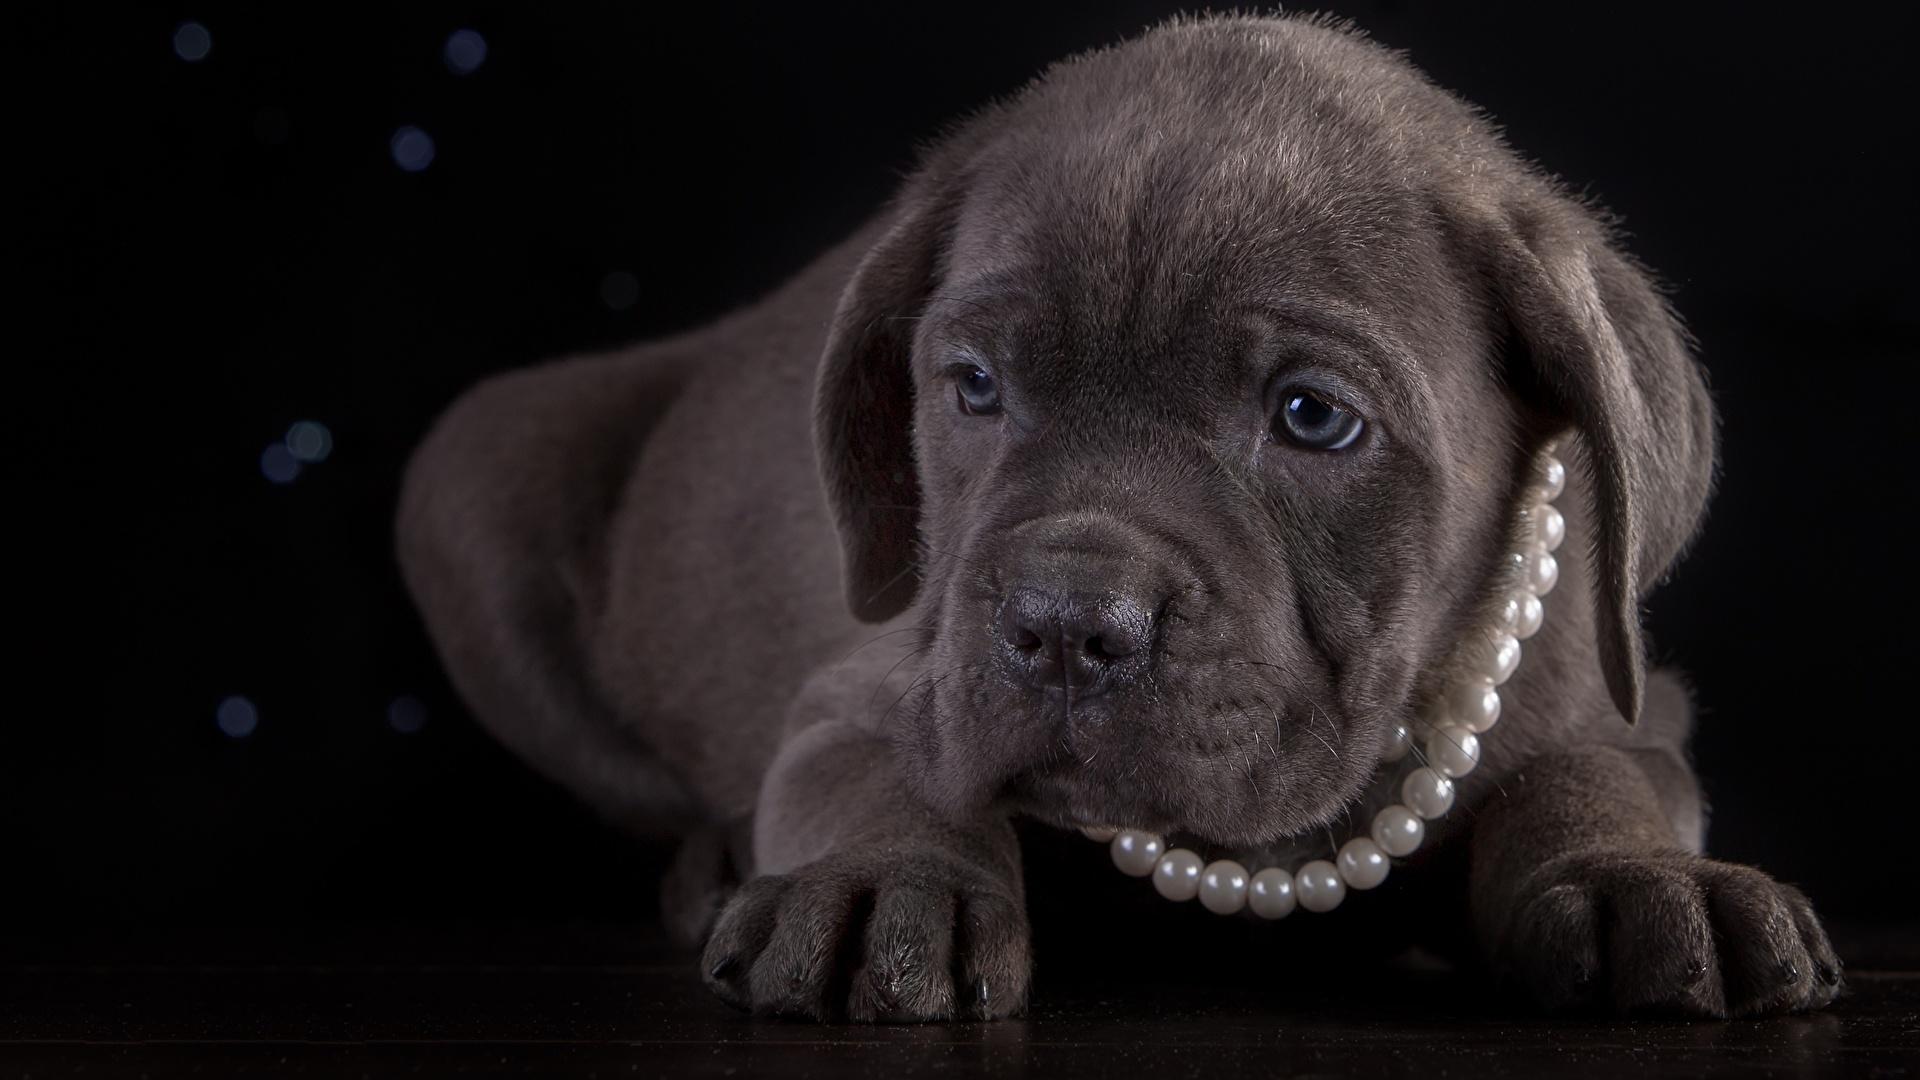 Картинка Щенок Кане корсо Собаки Жемчуг Лапы животное Черный фон 1920x1080 щенки щенка щенков собака лап Животные на черном фоне